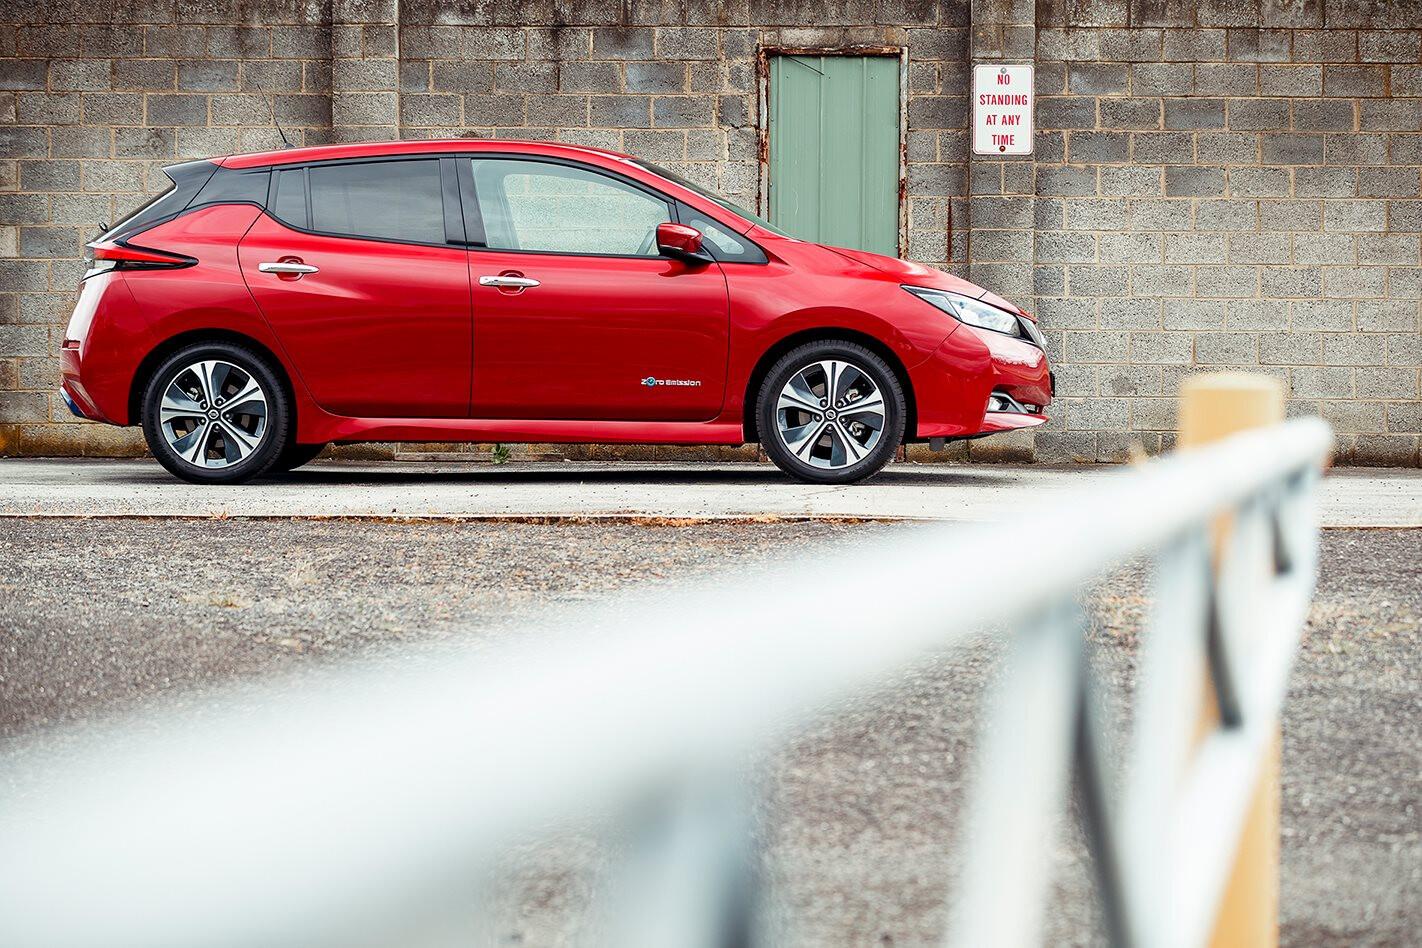 2020 Nissan Leaf COTY contender